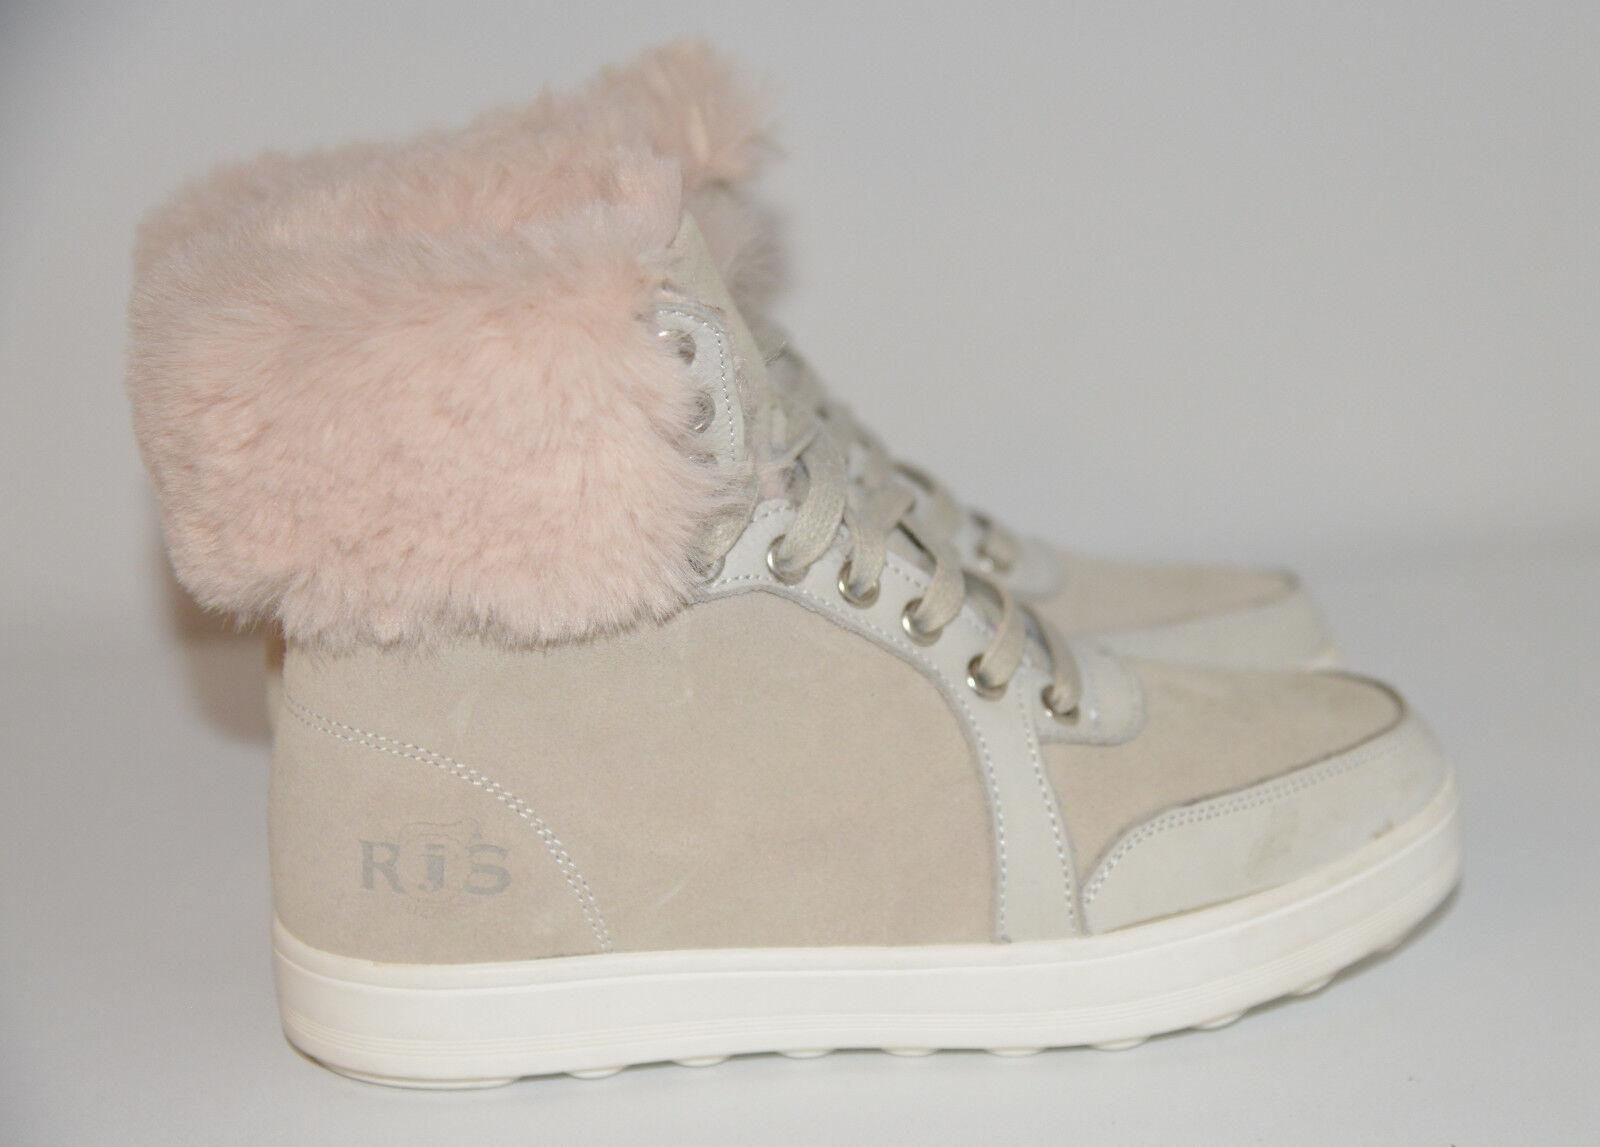 RJ's Damenschuhe Fur Sneaker Sheepskin Damenschuhe RJ's Hi-Top Ankle Fur Trimmed Beige Stiefel Schuhes UK5 a204f6